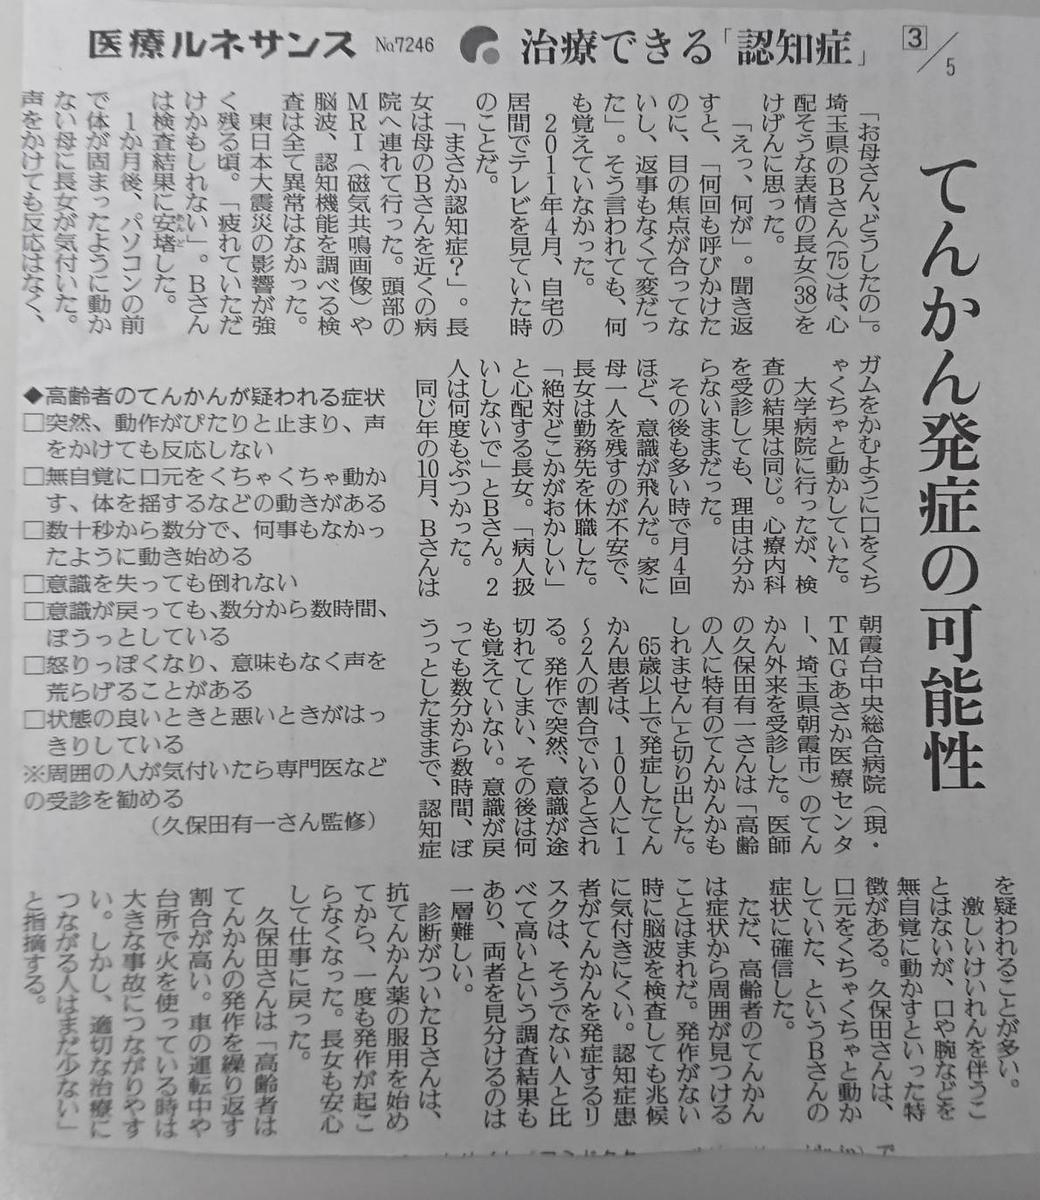 f:id:kazura-kobayashi:20200403171733j:plain